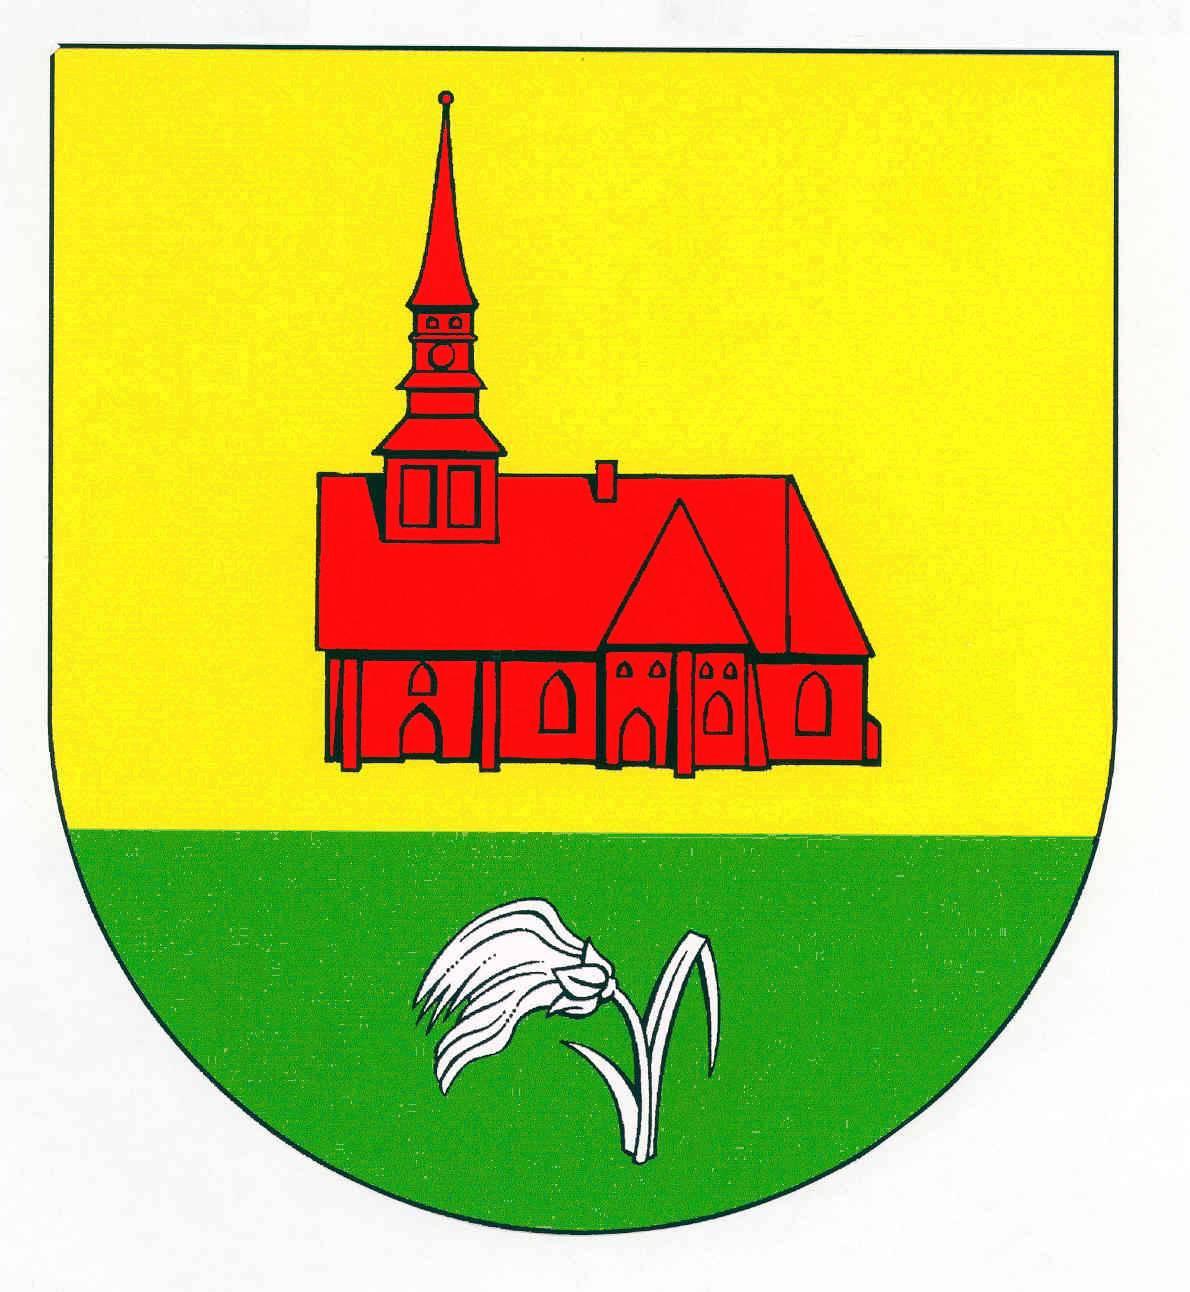 Wappen GemeindeNeuenkirchen, Kreis Dithmarschen